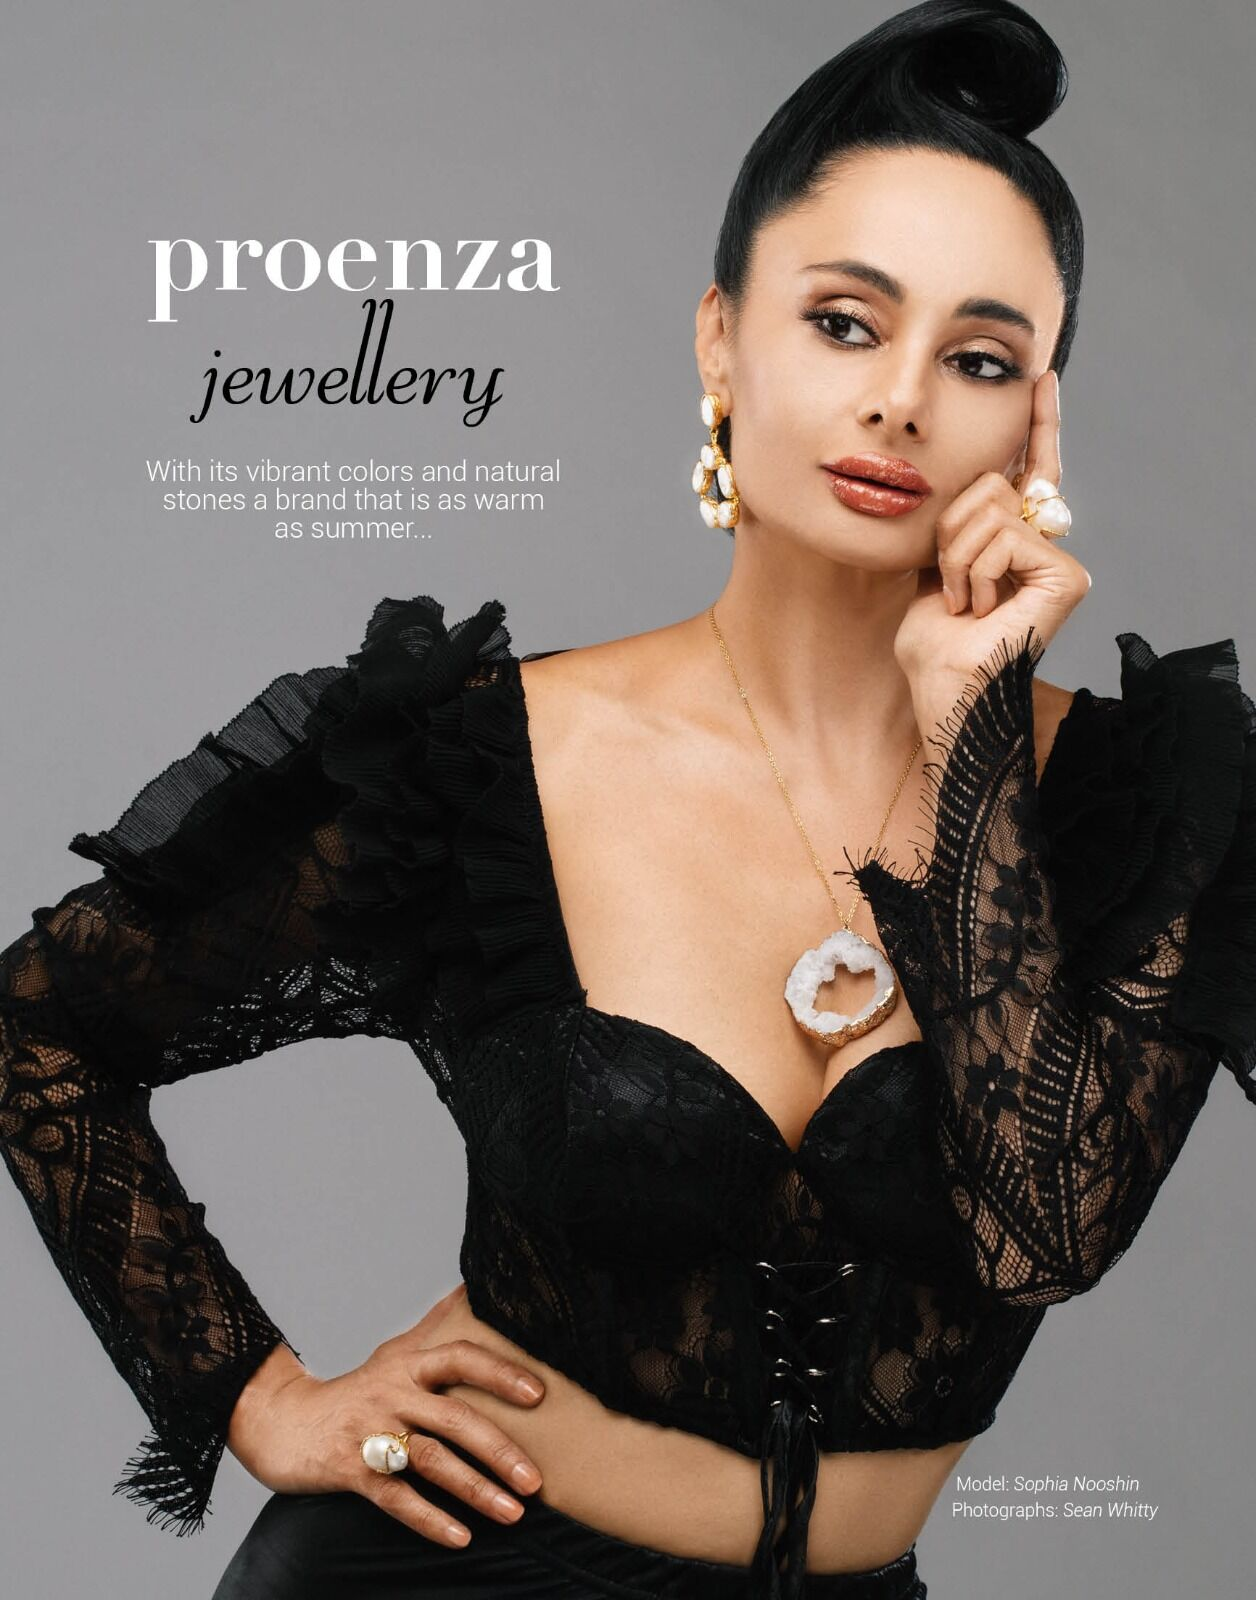 JWM- Jewellery Magazine